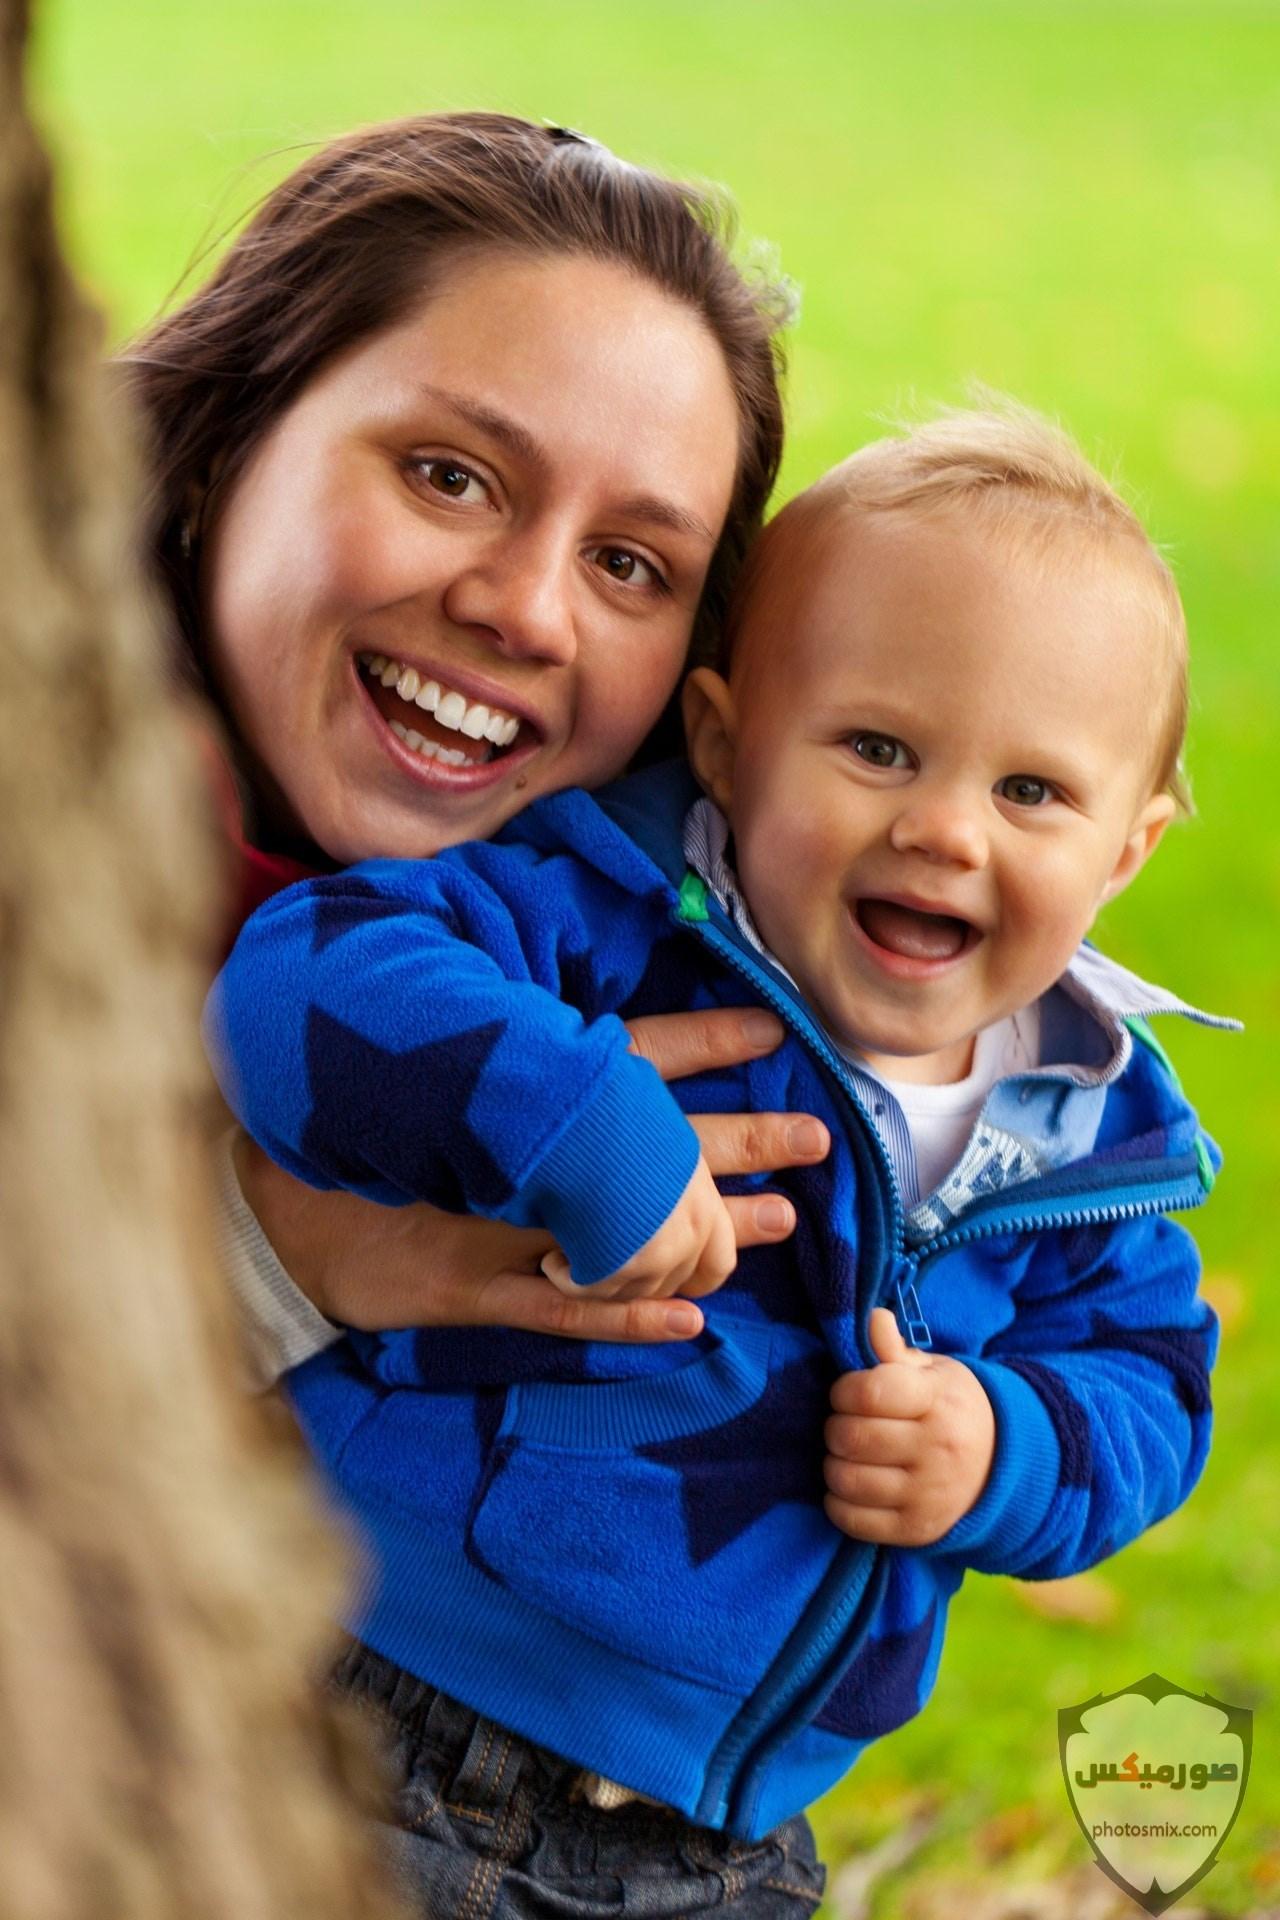 صور اطفال 2021 تحميل اكثر من 100 صور اطفال جميلة صور اطفال روعة 2020 3 2